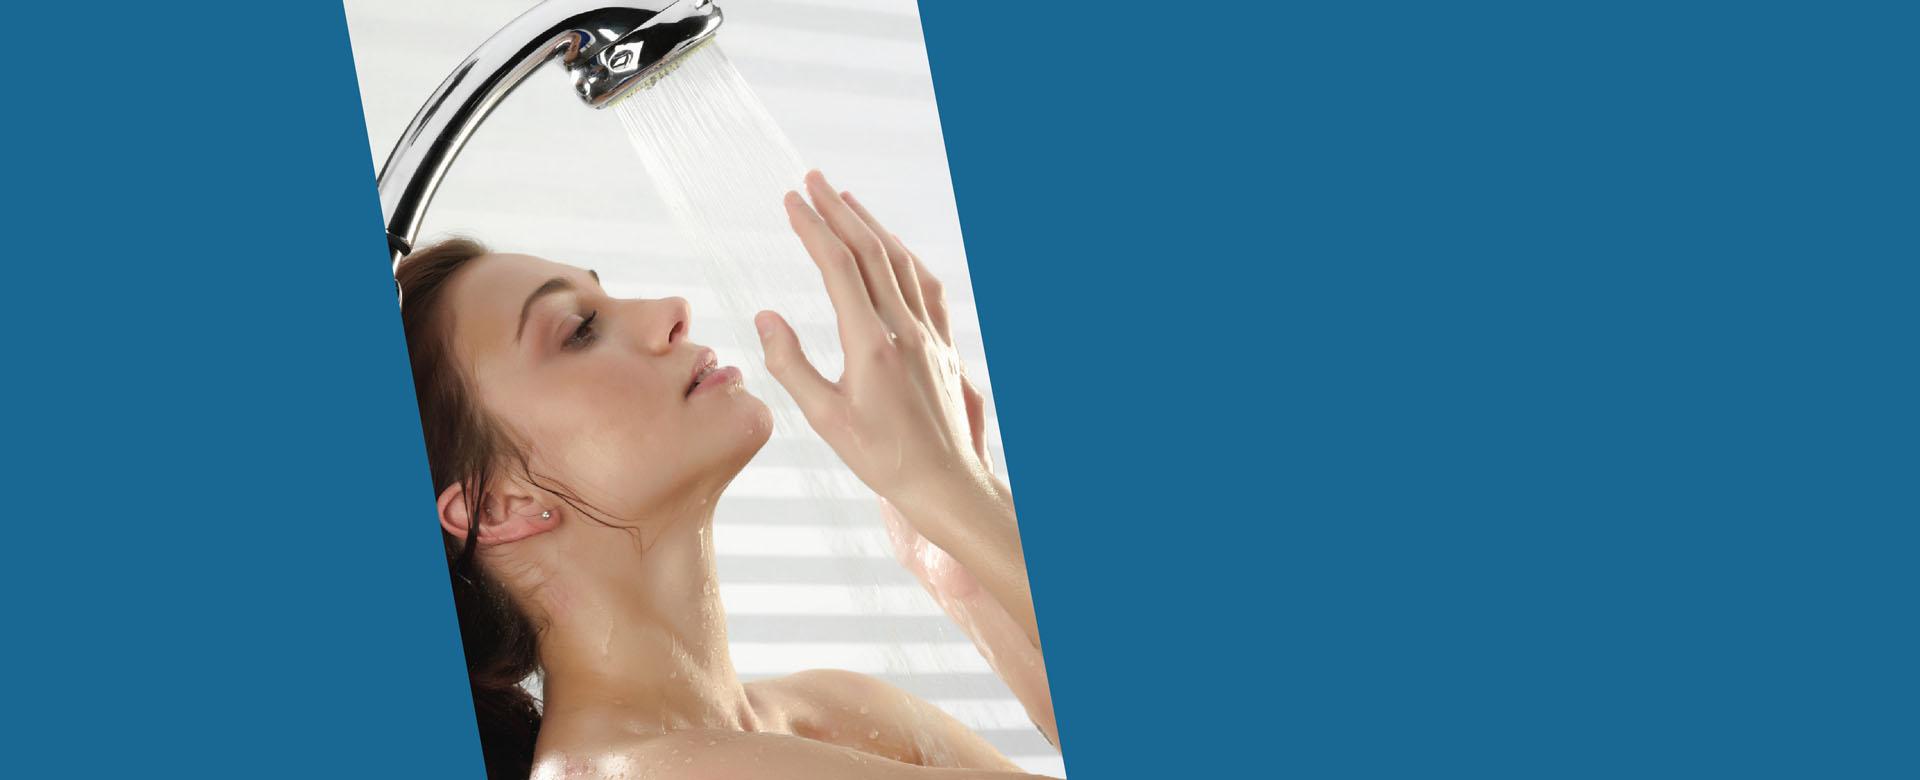 הגברת לחץ מים במקלחת